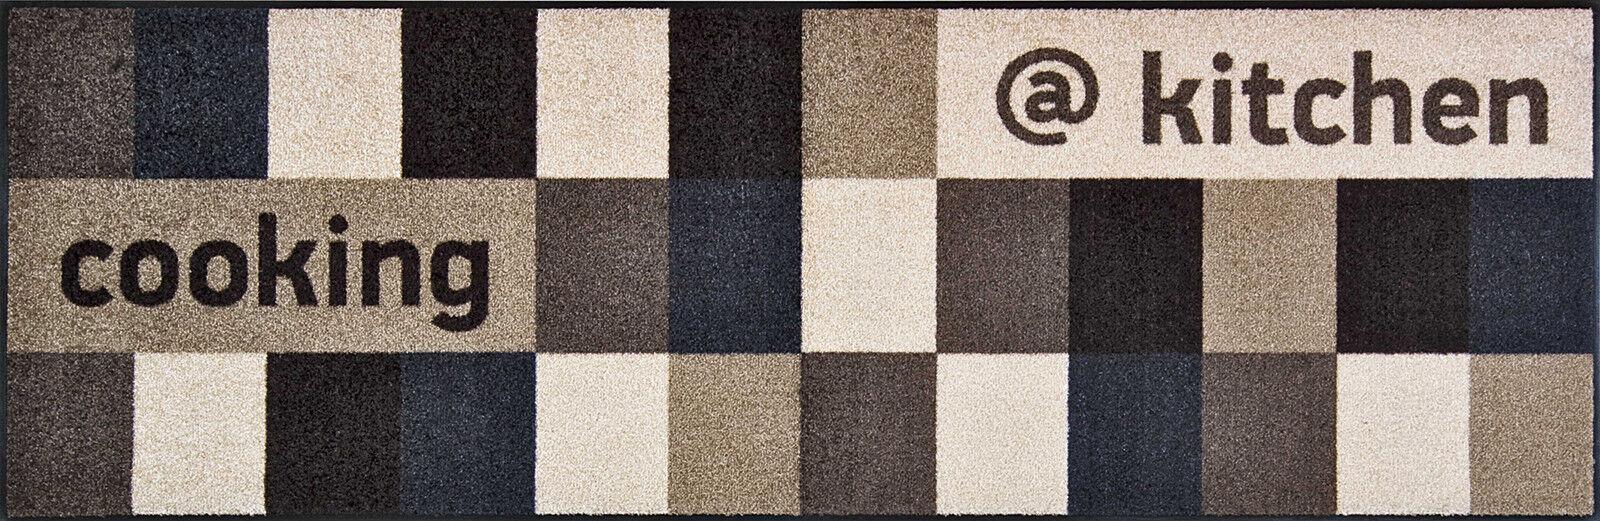 Wash + dry Teppich waschbar Fußmatte Bodenmatte at at at kitchen braunish 60  x 180 cm 905350